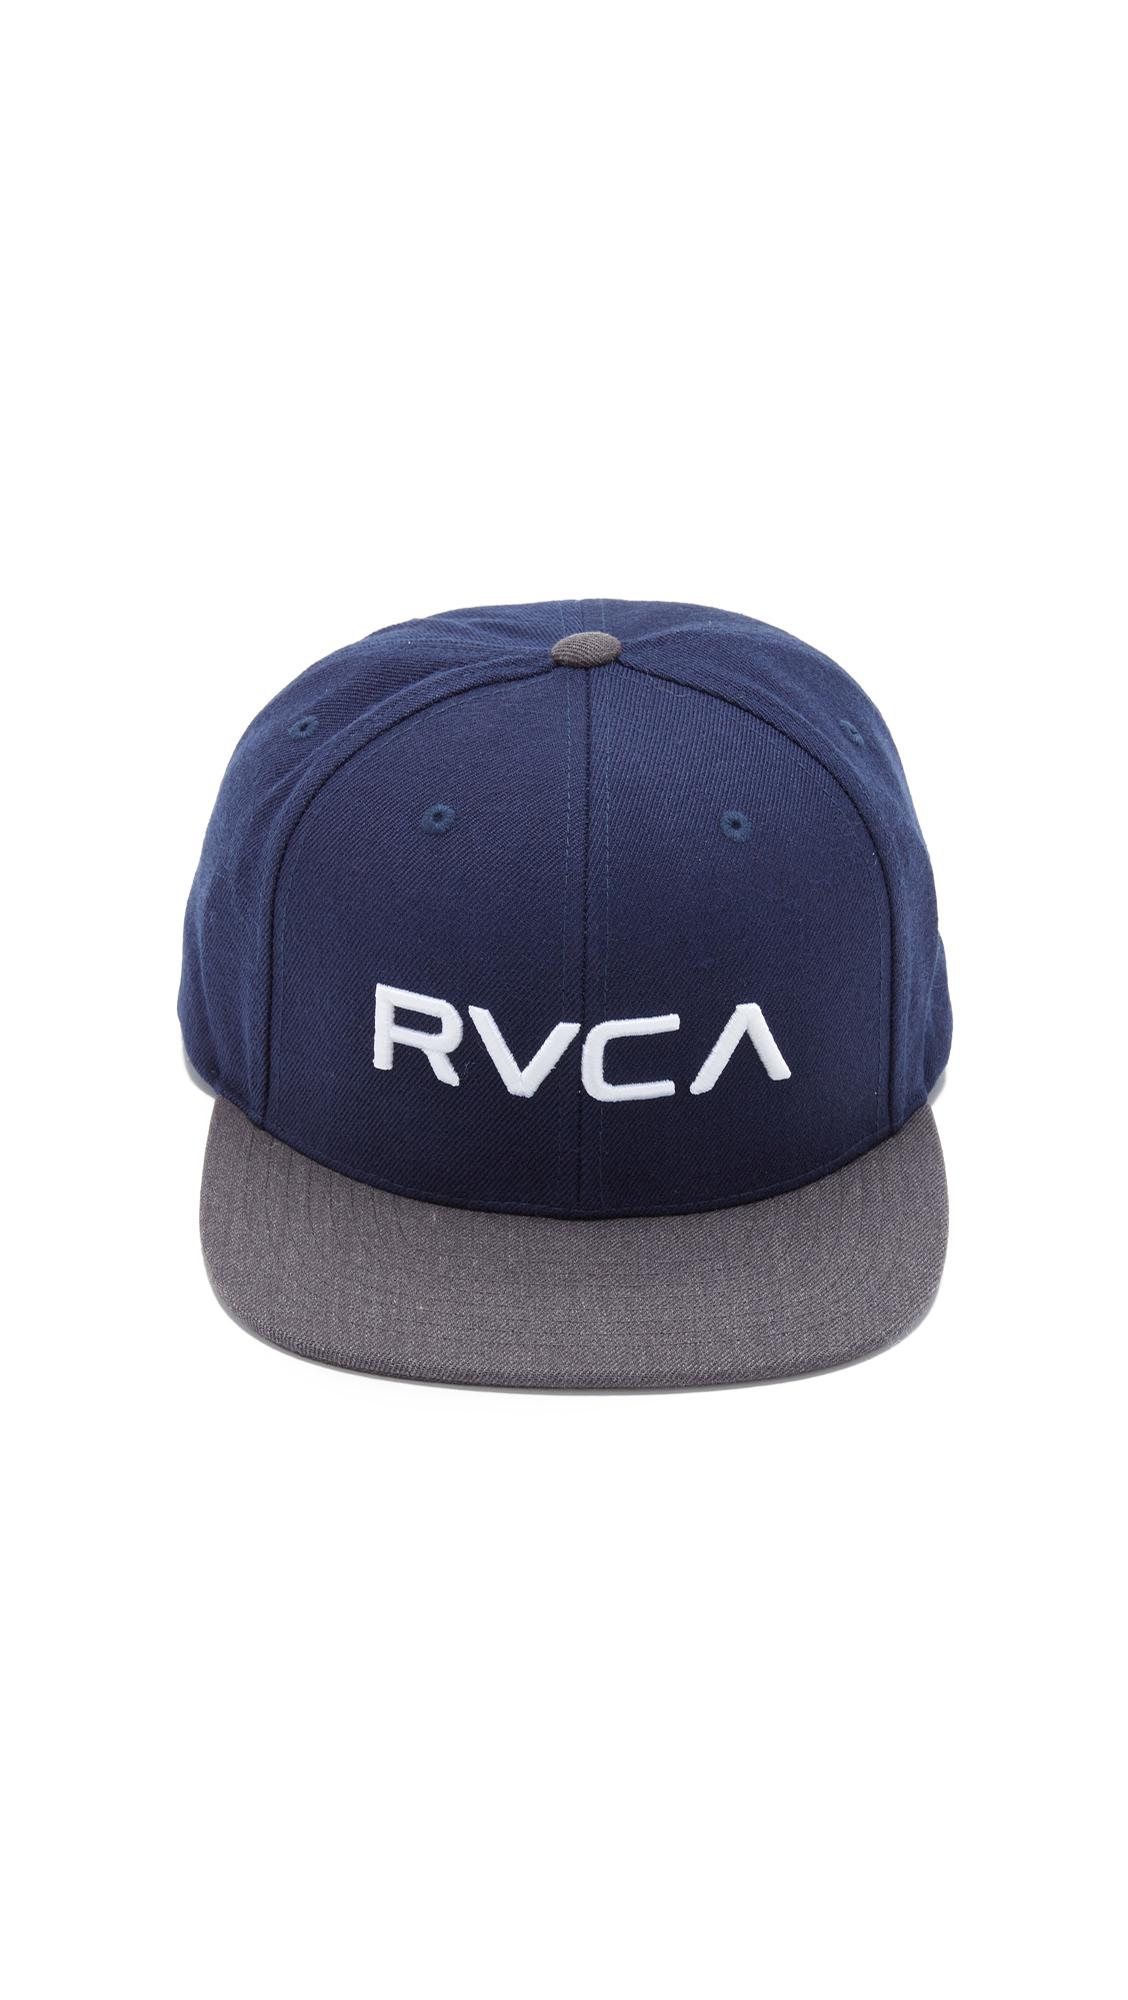 2345f809 sale rvca barlow twill snapback hat acb47 075da; clearance lyst rvca twill  snapback iii in blue for men 169f6 02fb5